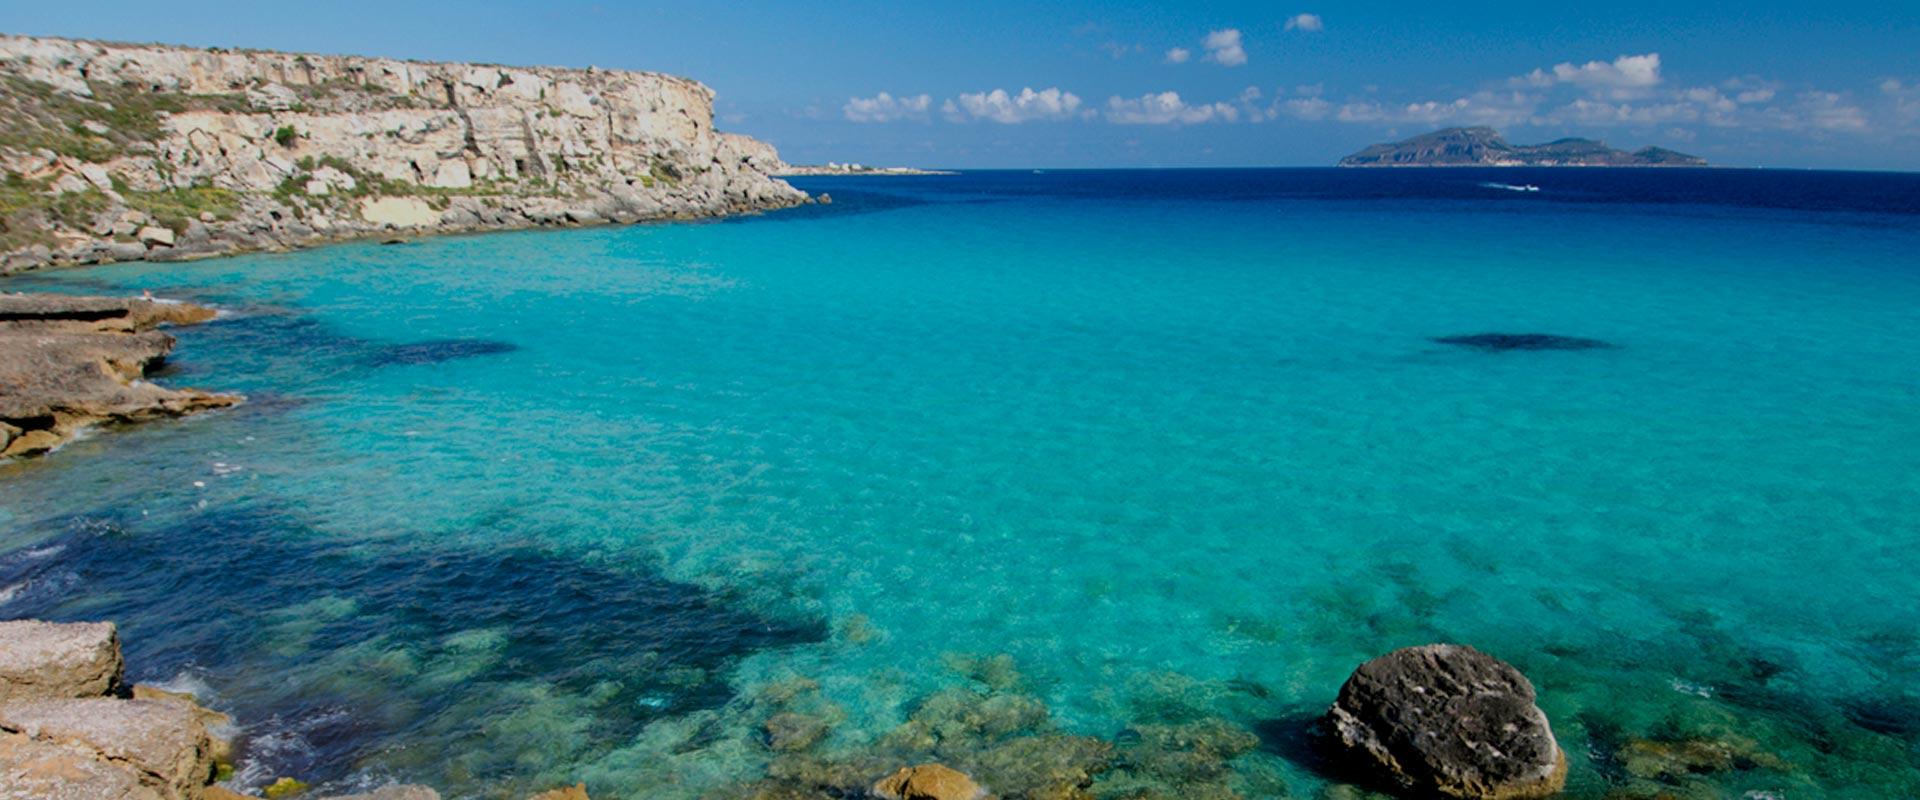 Isole Egadi, Levanzo, viaggio in sicilia